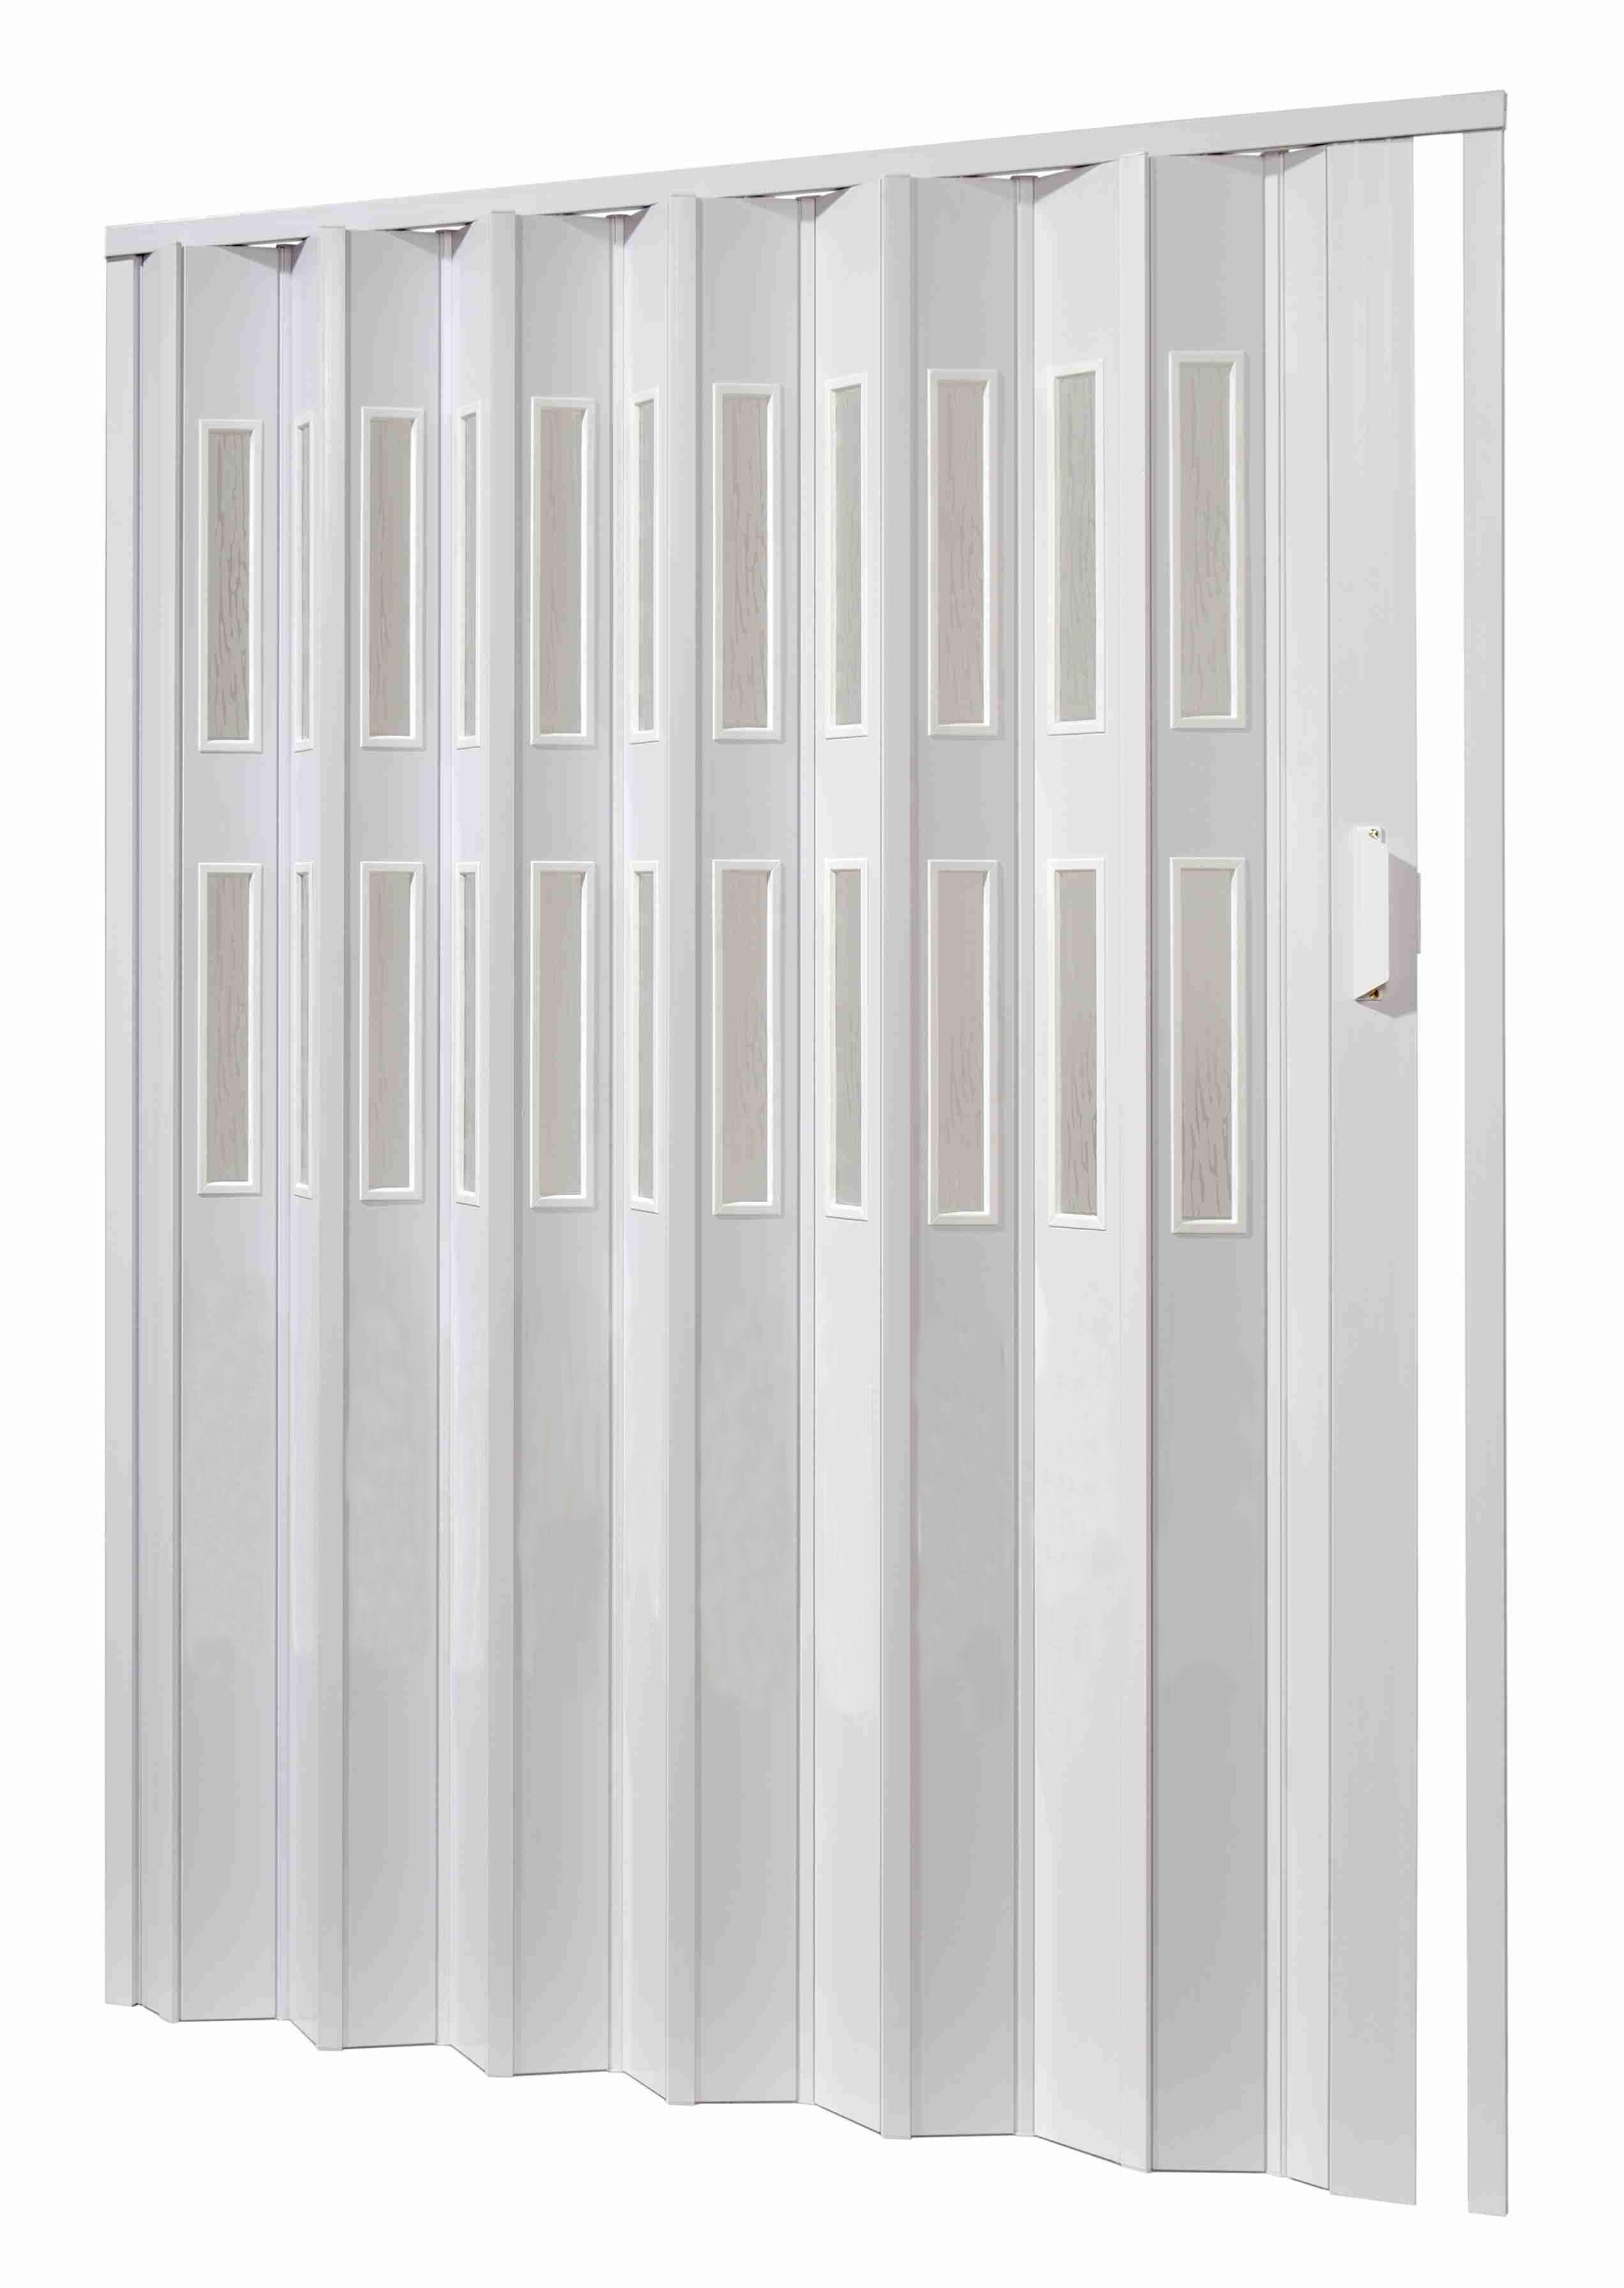 Shrnovací dveře PETROMILA prosklené bílé ODSTÍN: BÍLÁ, TYP DVEŘÍ: plné